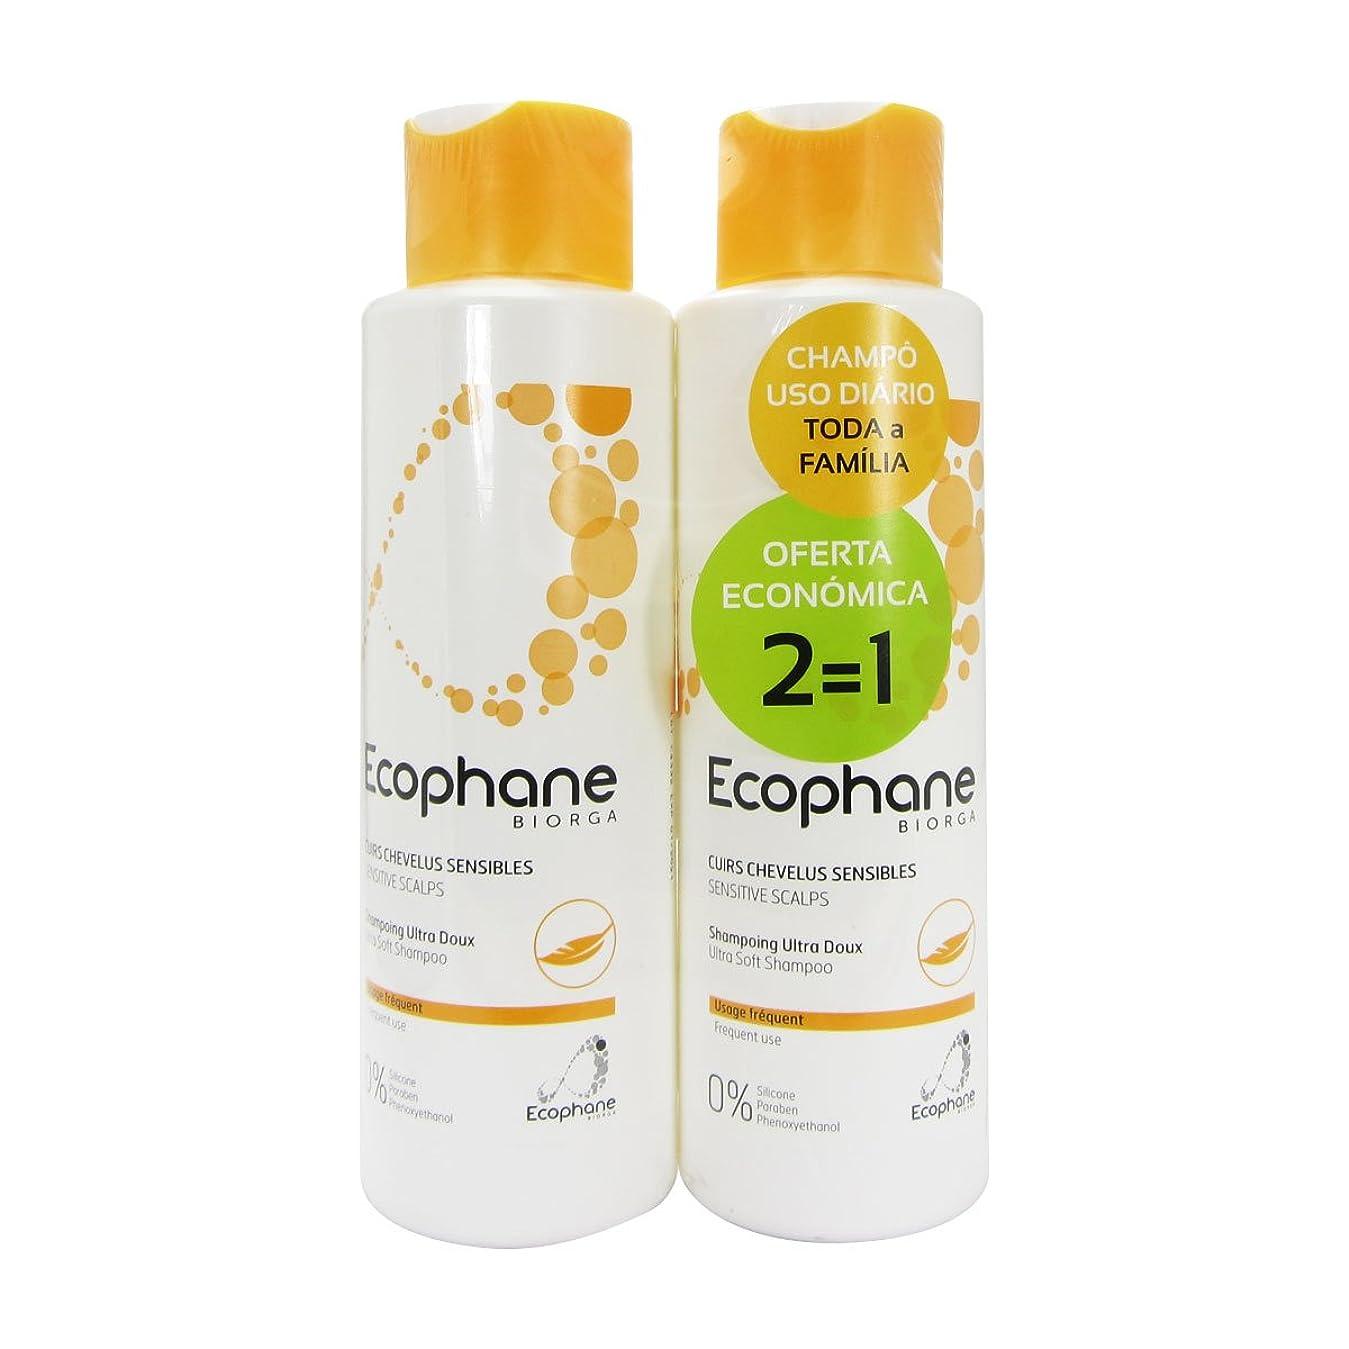 コモランマ怖がって死ぬ書道Biorga Ecophane Pack Ultra Soft Shampoo 2x500ml [並行輸入品]